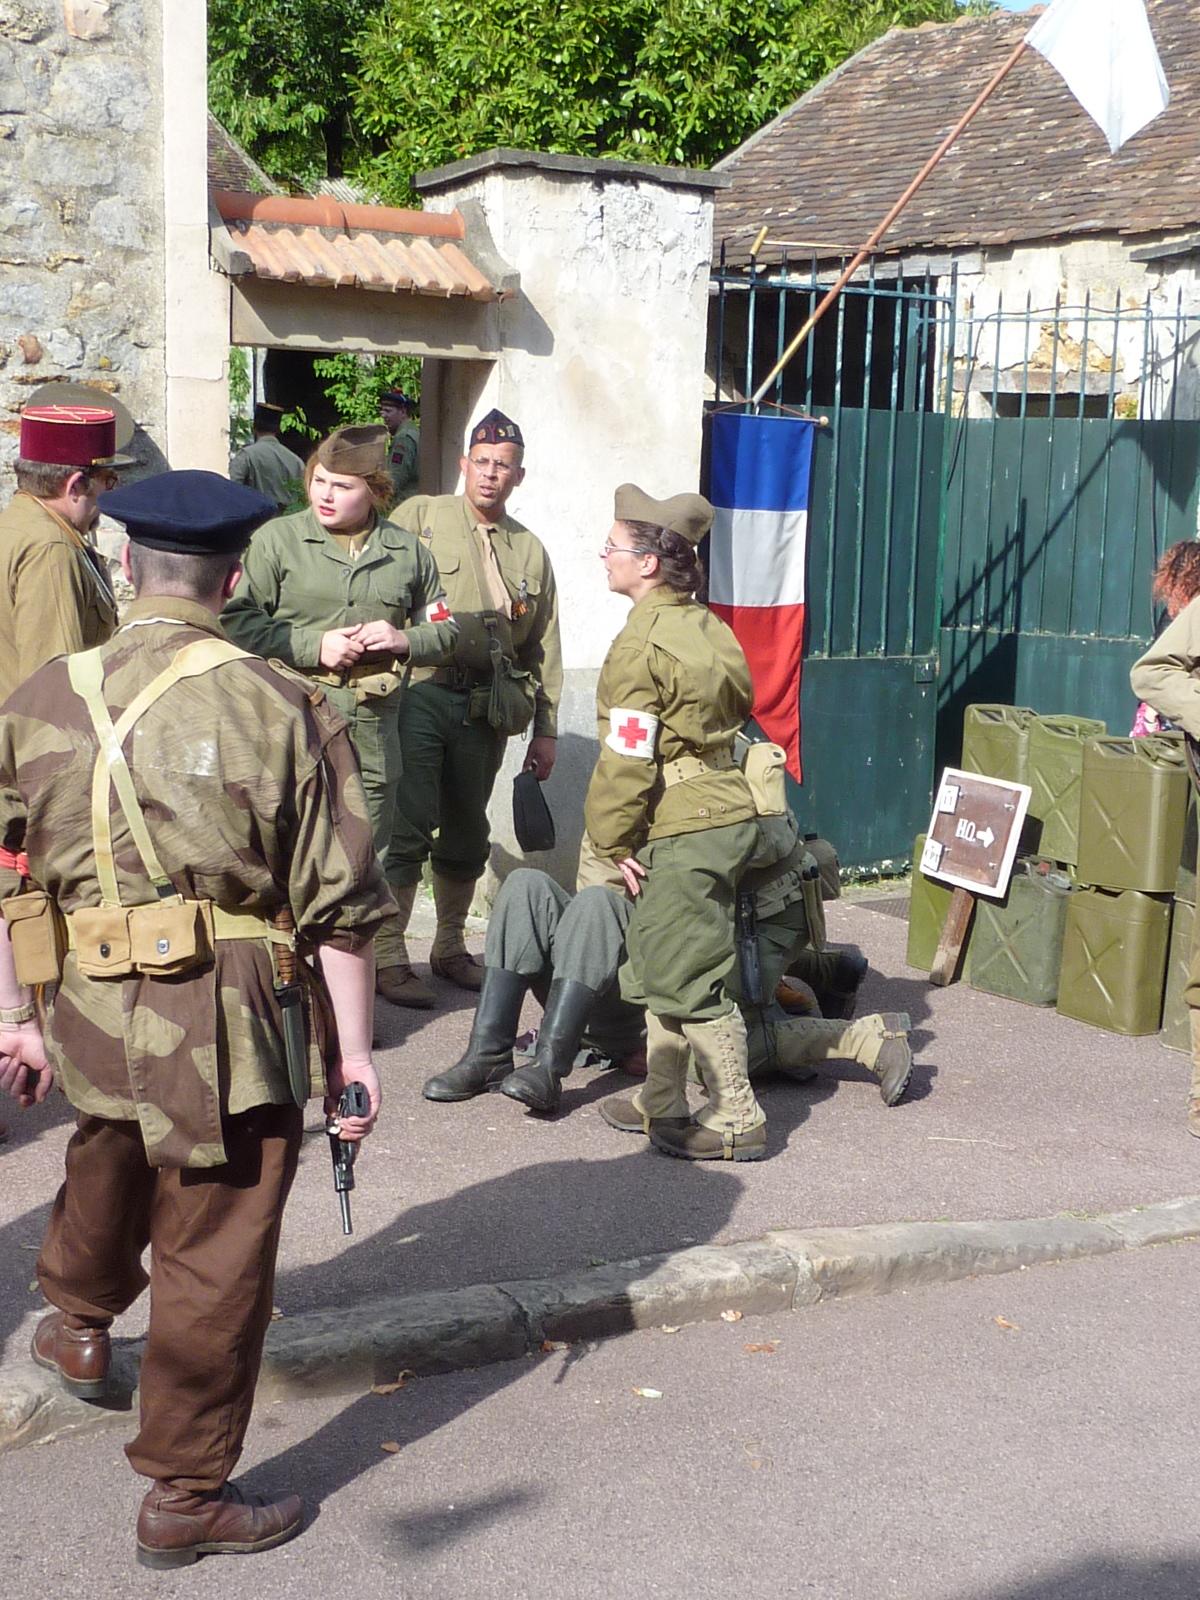 Les forces militaires étaient présentes